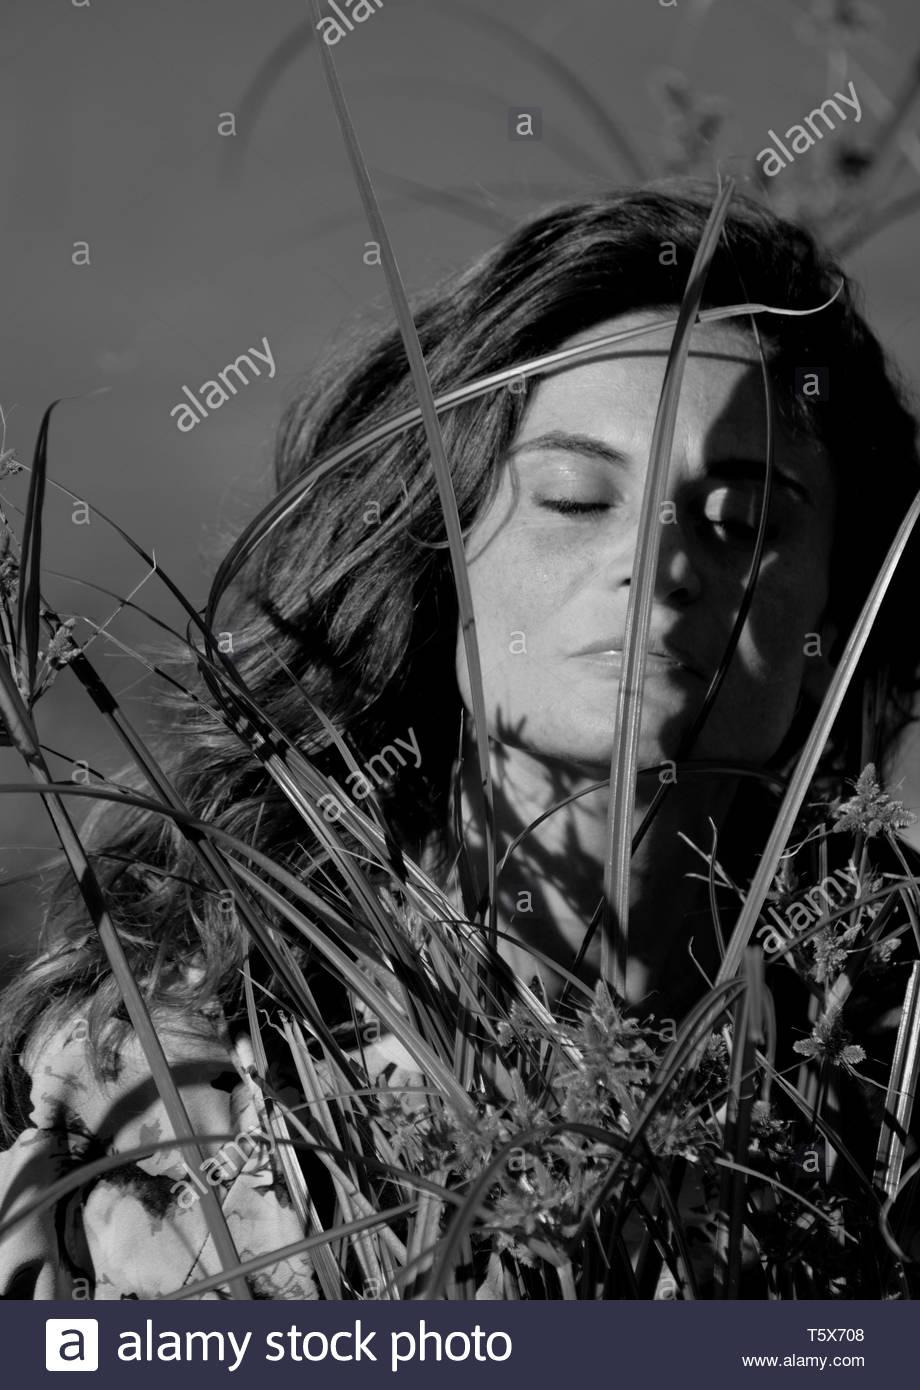 Foto in bianco e nero di un artista durante la sua performance Immagini Stock